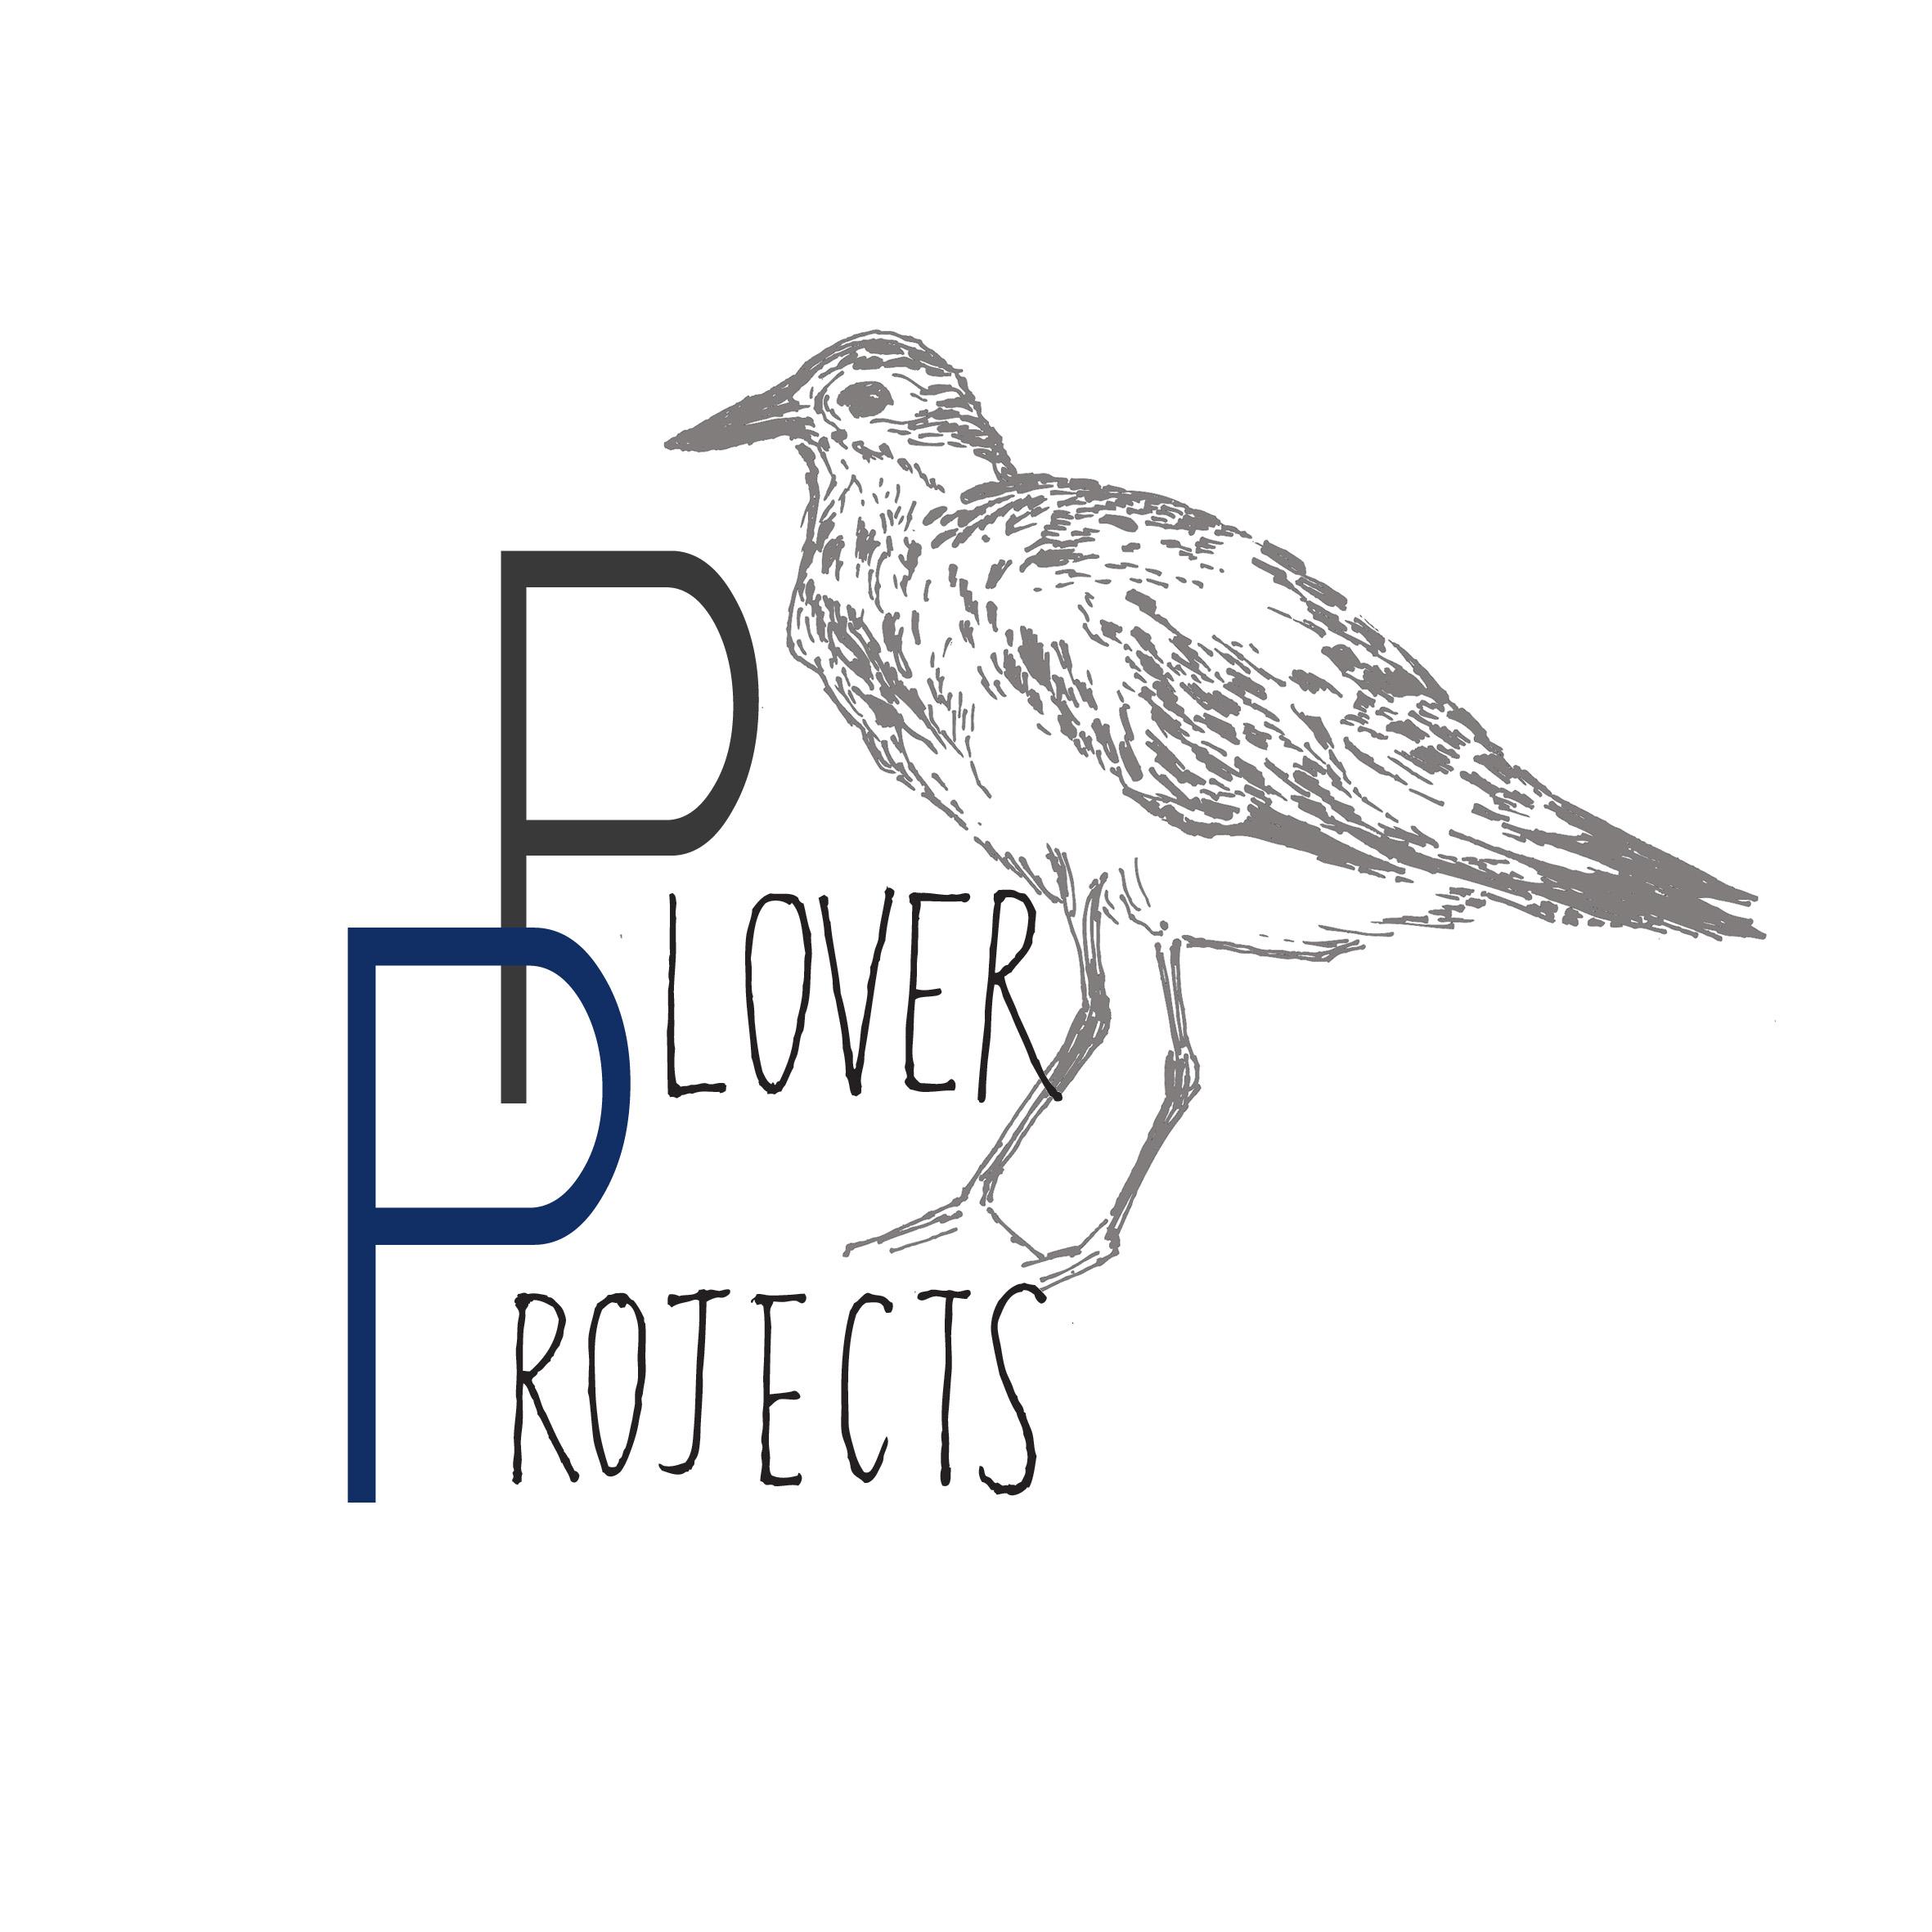 Plover-Logo_V3.jpg